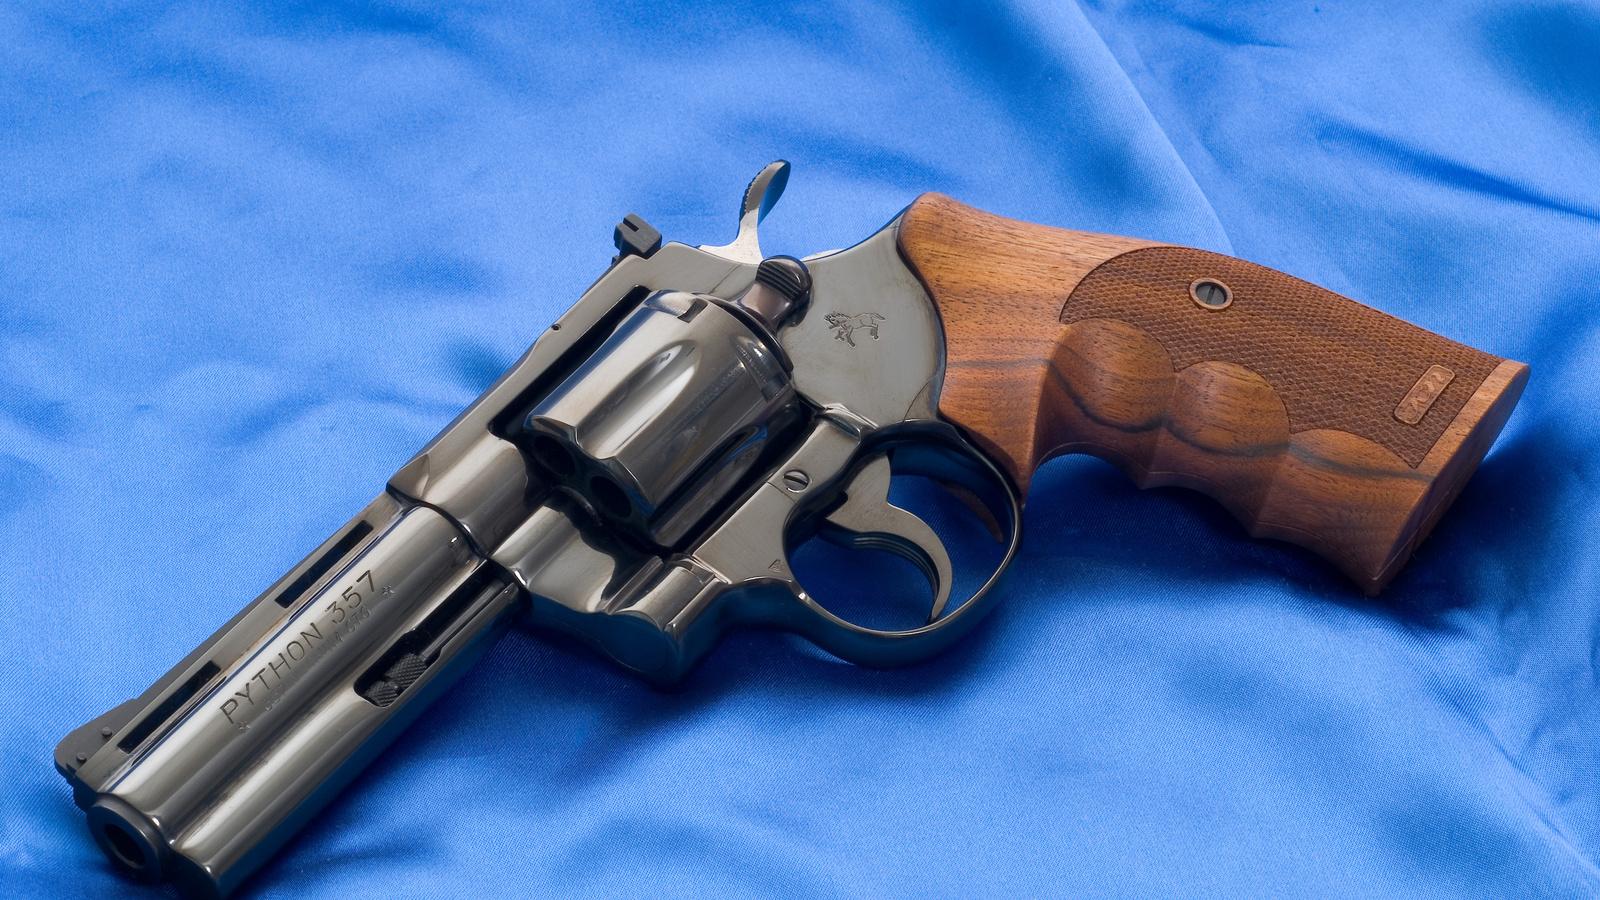 питон, фон, Colt, оружие, кольт, револьвер, обои, 4, python